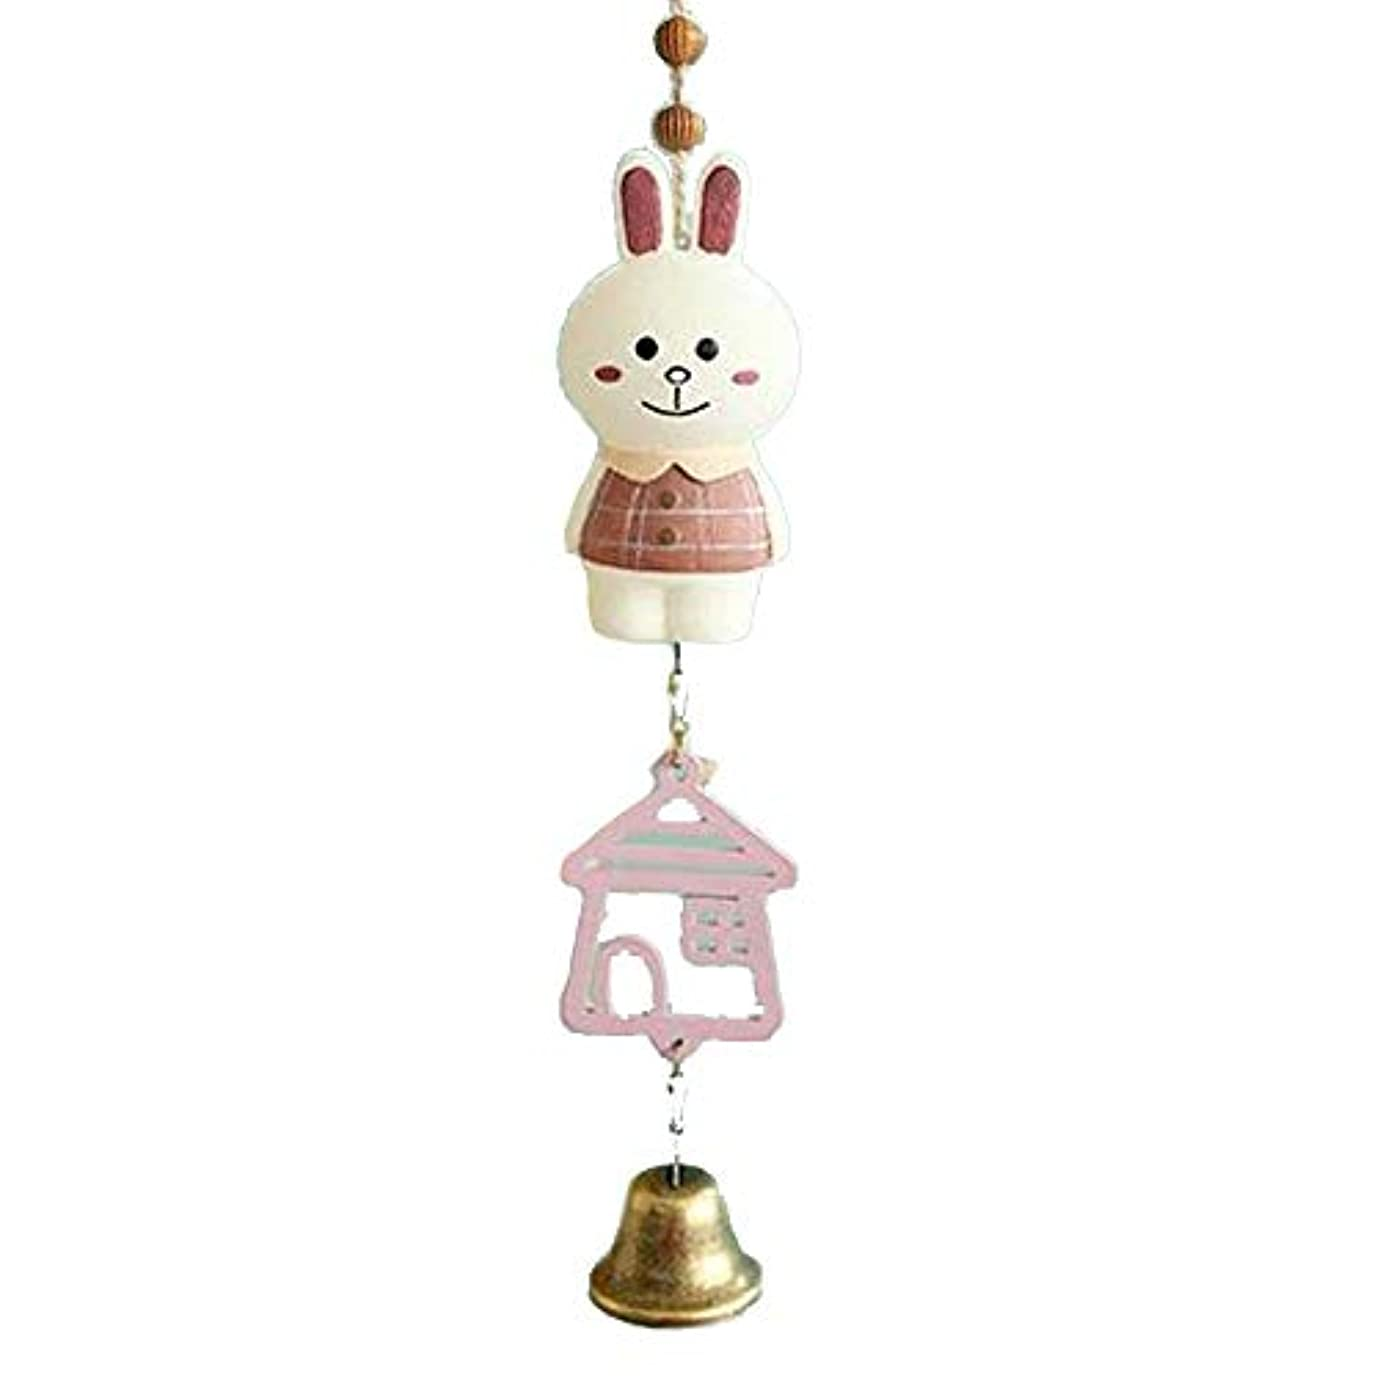 かかわらずファントム権利を与えるHongyuantongxun 風チャイム、クリエイティブかわいい動物風チャイム、ブラウン、サイズ22 * 5CM,、装飾品ペンダント (Color : White)